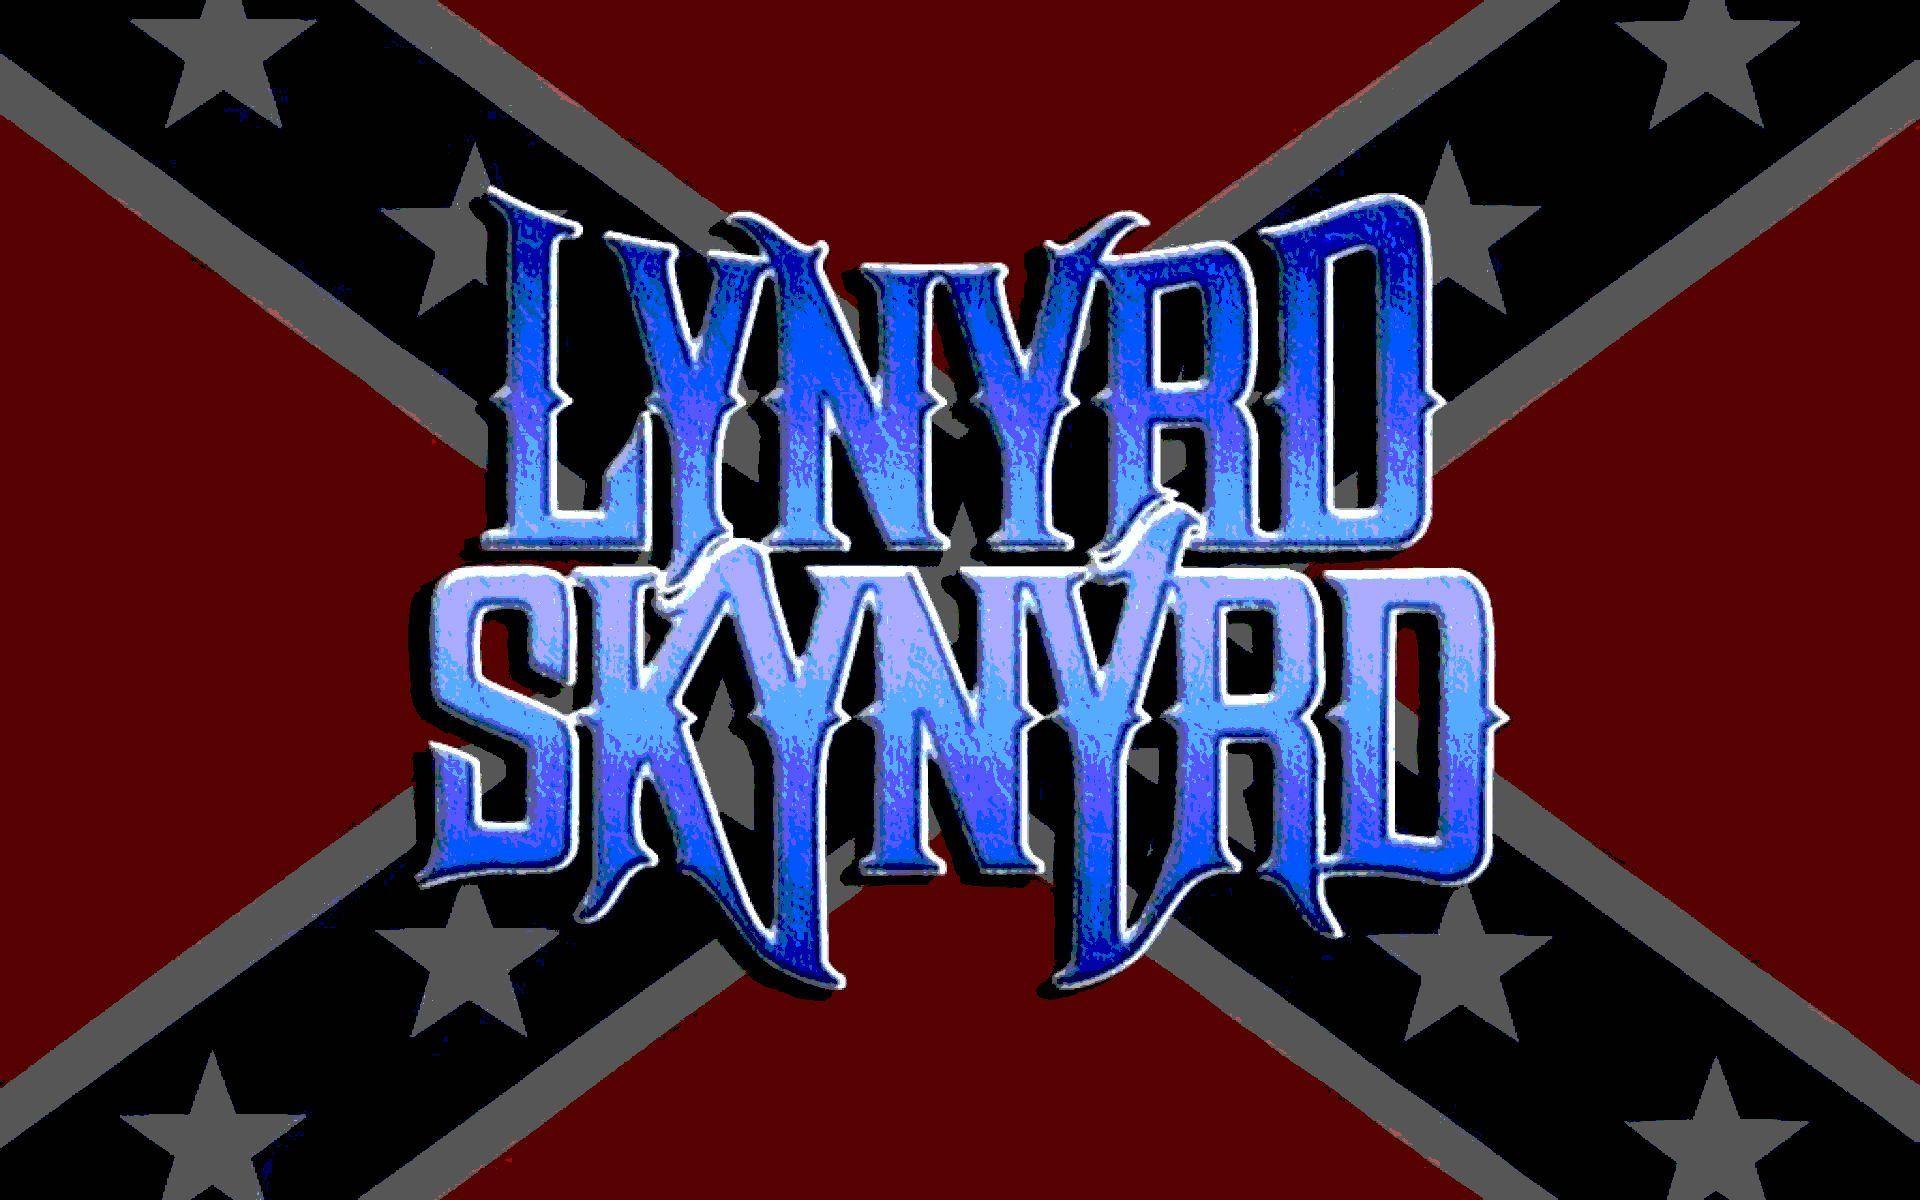 Pix For Gt Lynyrd Skynyrd Free Bird Wallpaper Lynyrd Skynyrd Free Bird Free Bird Wallpaper Lynyrd Skynyrd